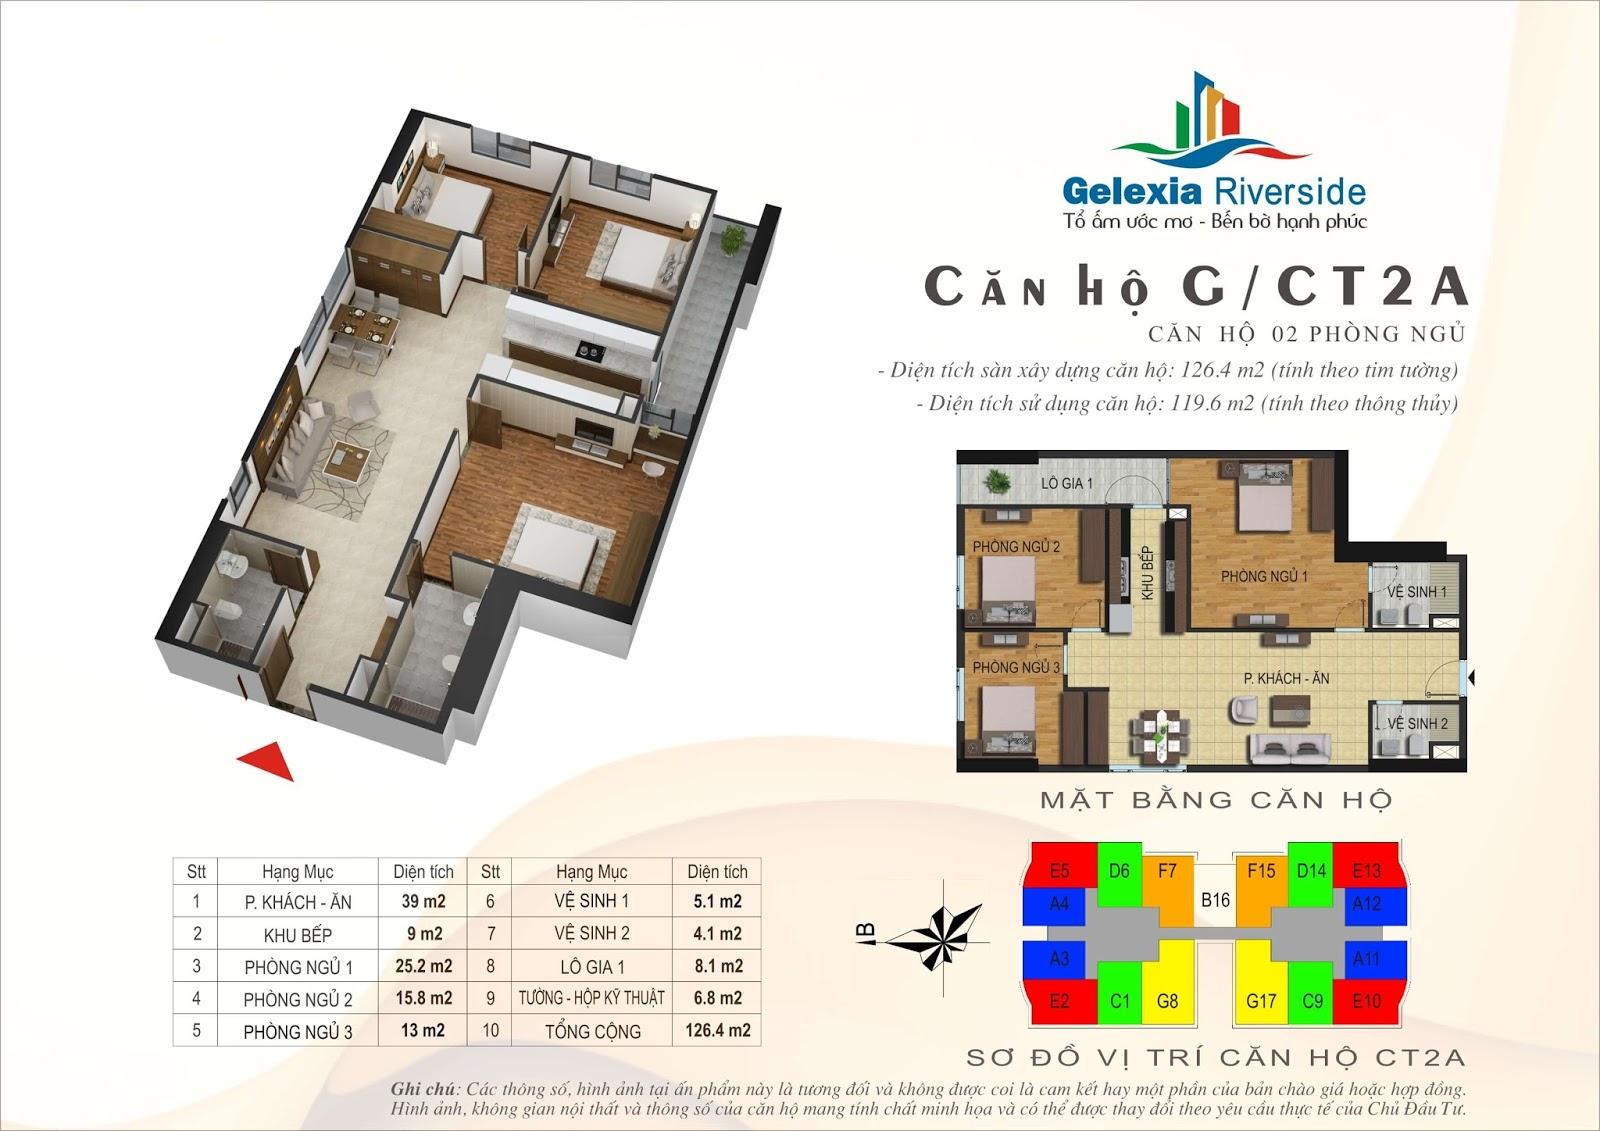 Mặt bằng căn hộ 126,4 m2 tòa CT2A - Gelexia Riverside